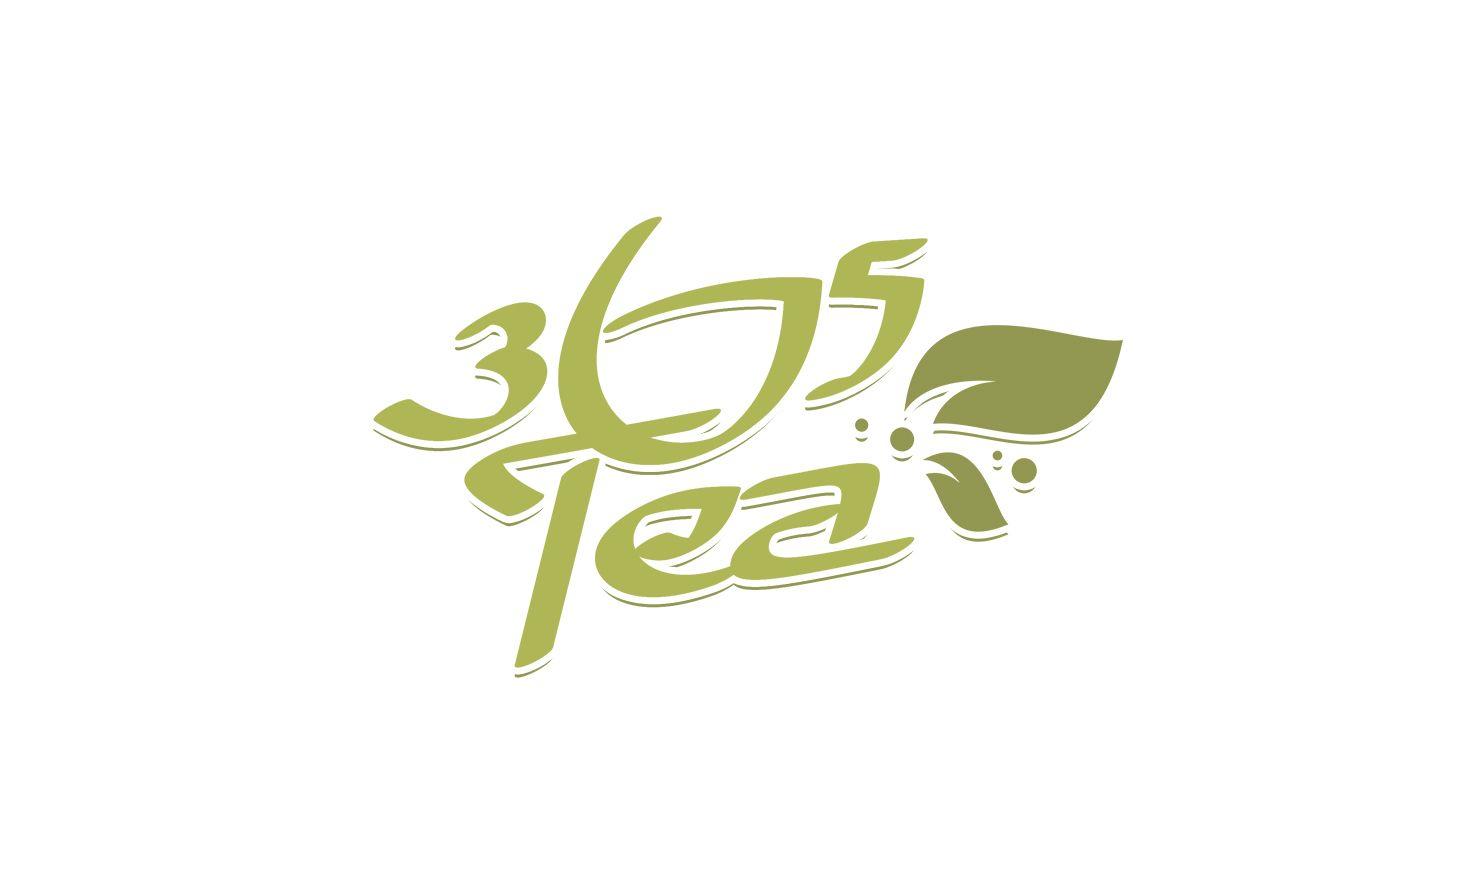 Логотип для 365tea.ru или 365TEA.RU - дизайнер slavikx3m